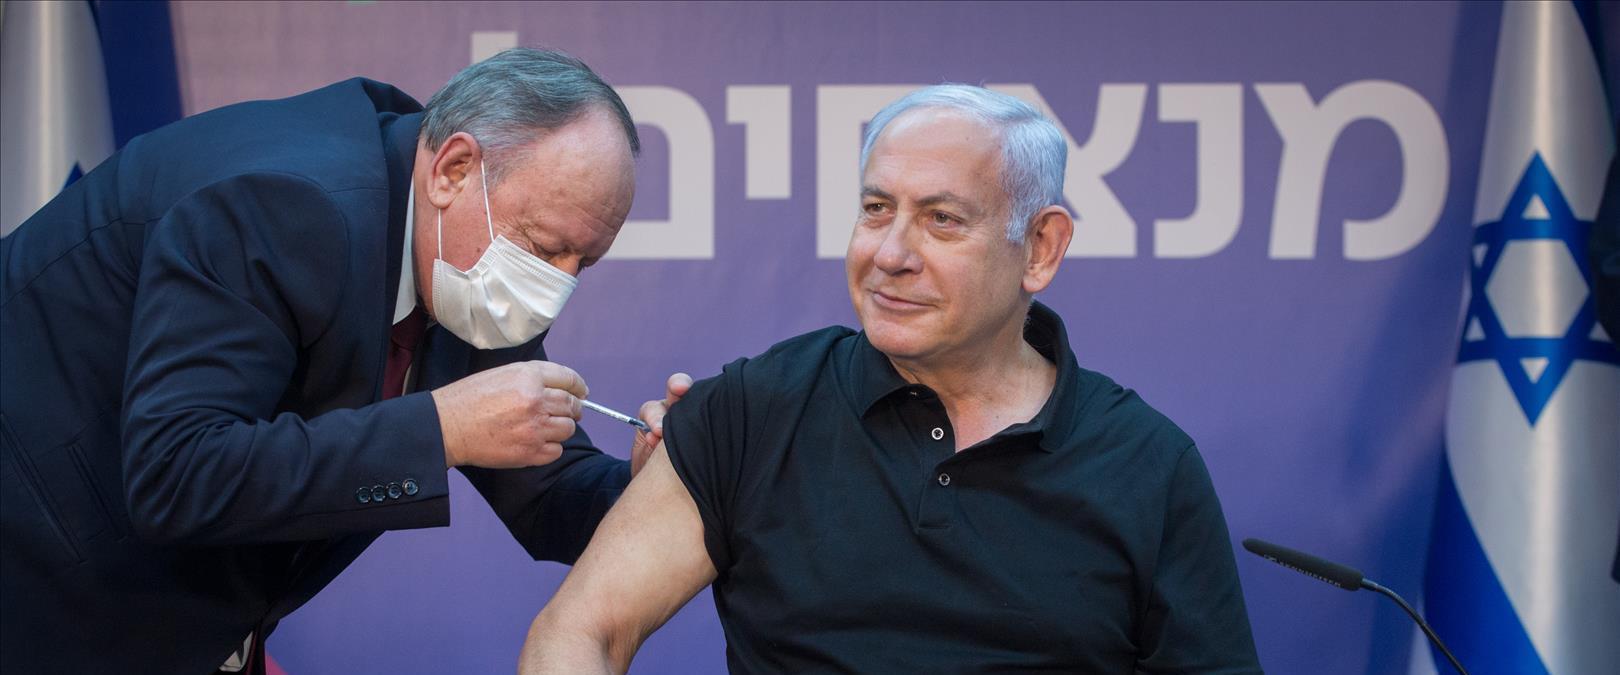 נתניהו מקבל את מנת החיסון השנייה, 09.01.21